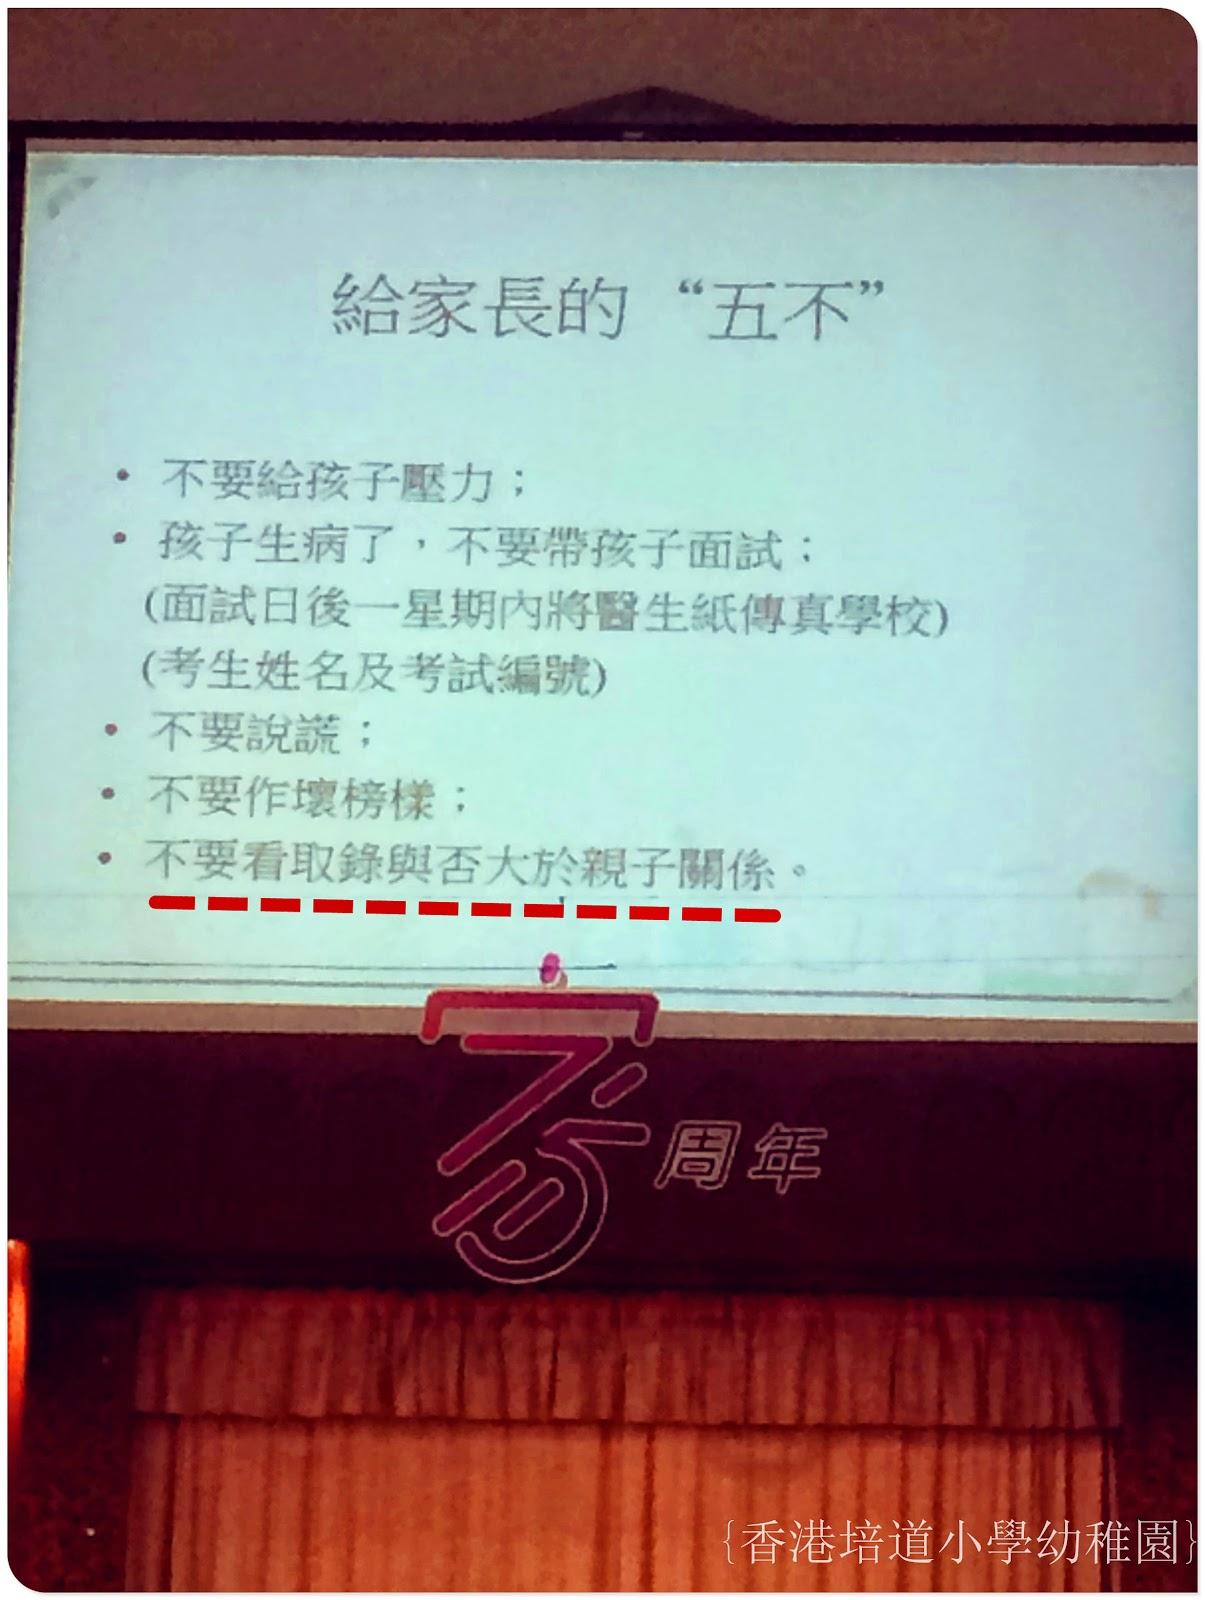 國皇的婚禮: 龍B幼稚園K1面試 Round 7 - 退學信/求位信範本(加快大執位流程)